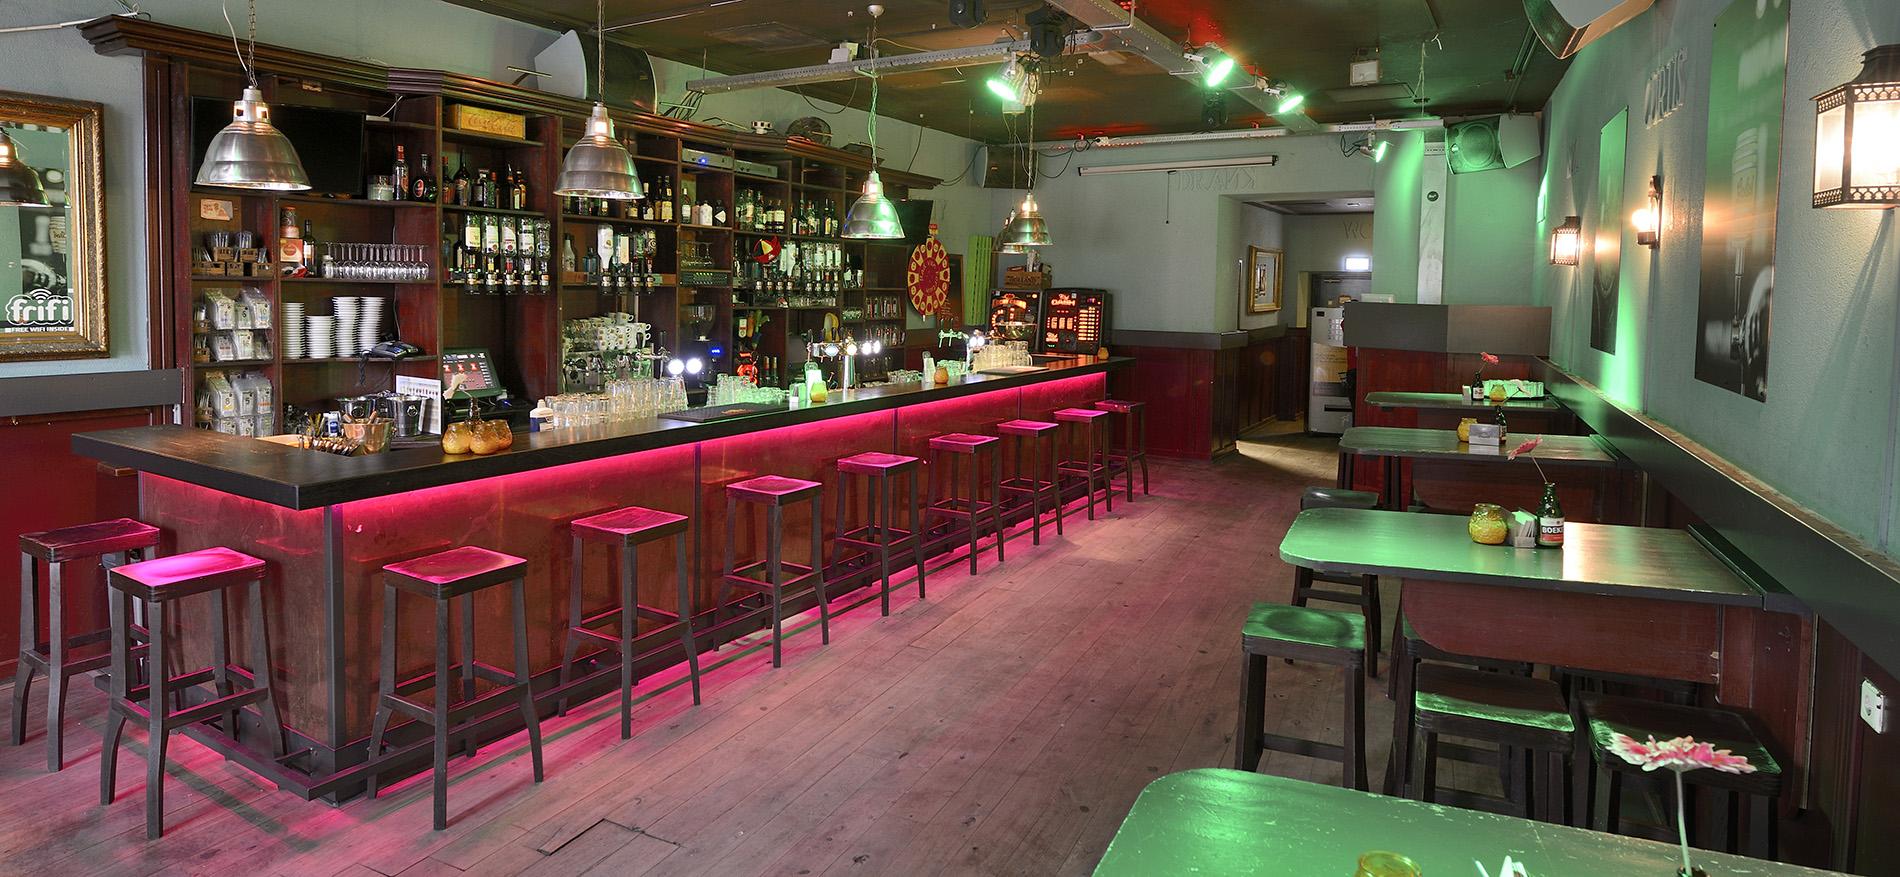 Ontwerp en interieur horeca curtis bar door wsb interieurbouw for Interieur horeca